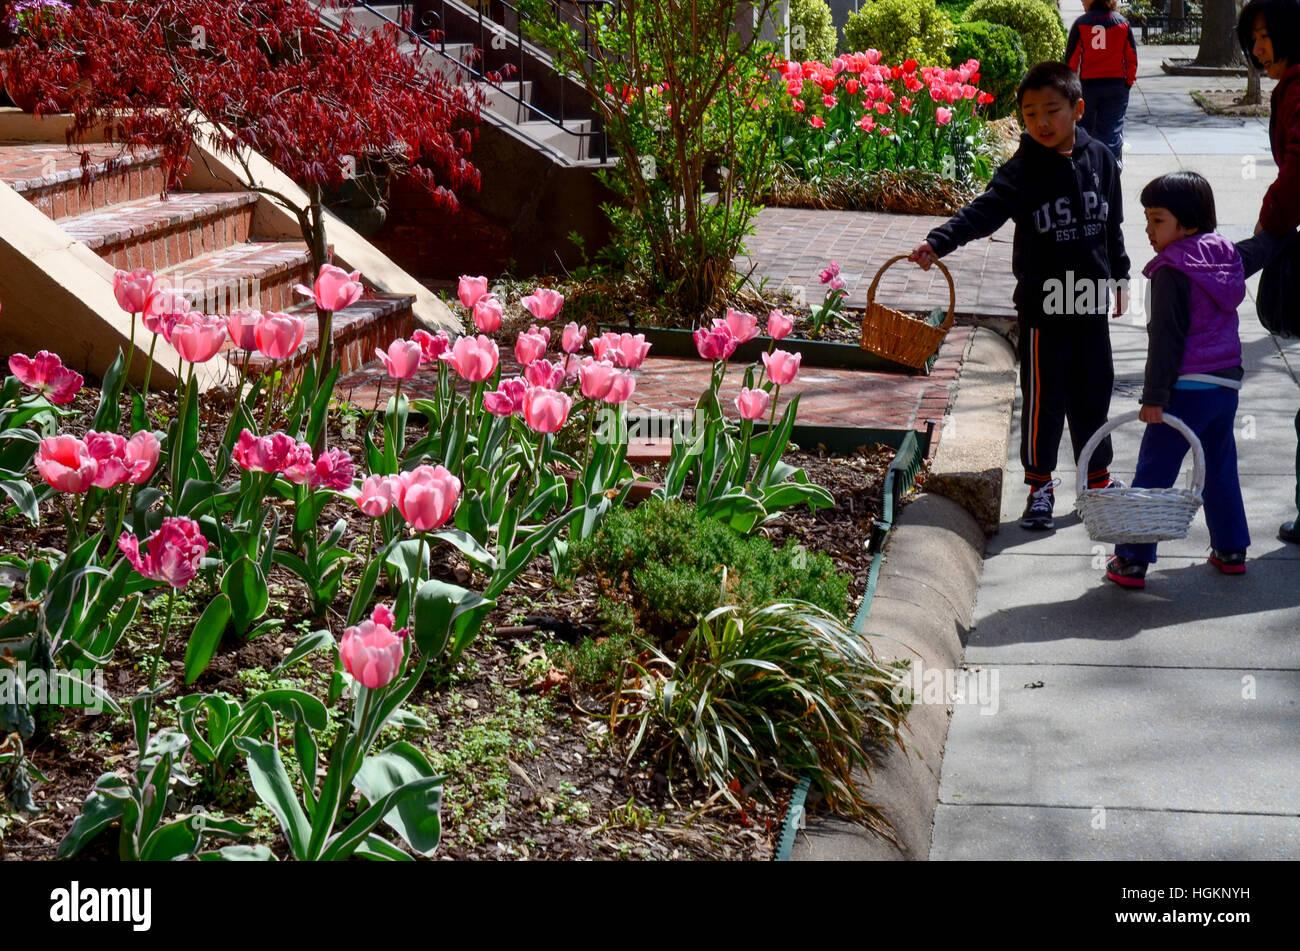 Kinder ansammelnder entlang ihre Osterkörbchen anhalten um die hübschen rosa Tulpen blühen zu schätzen Stockbild